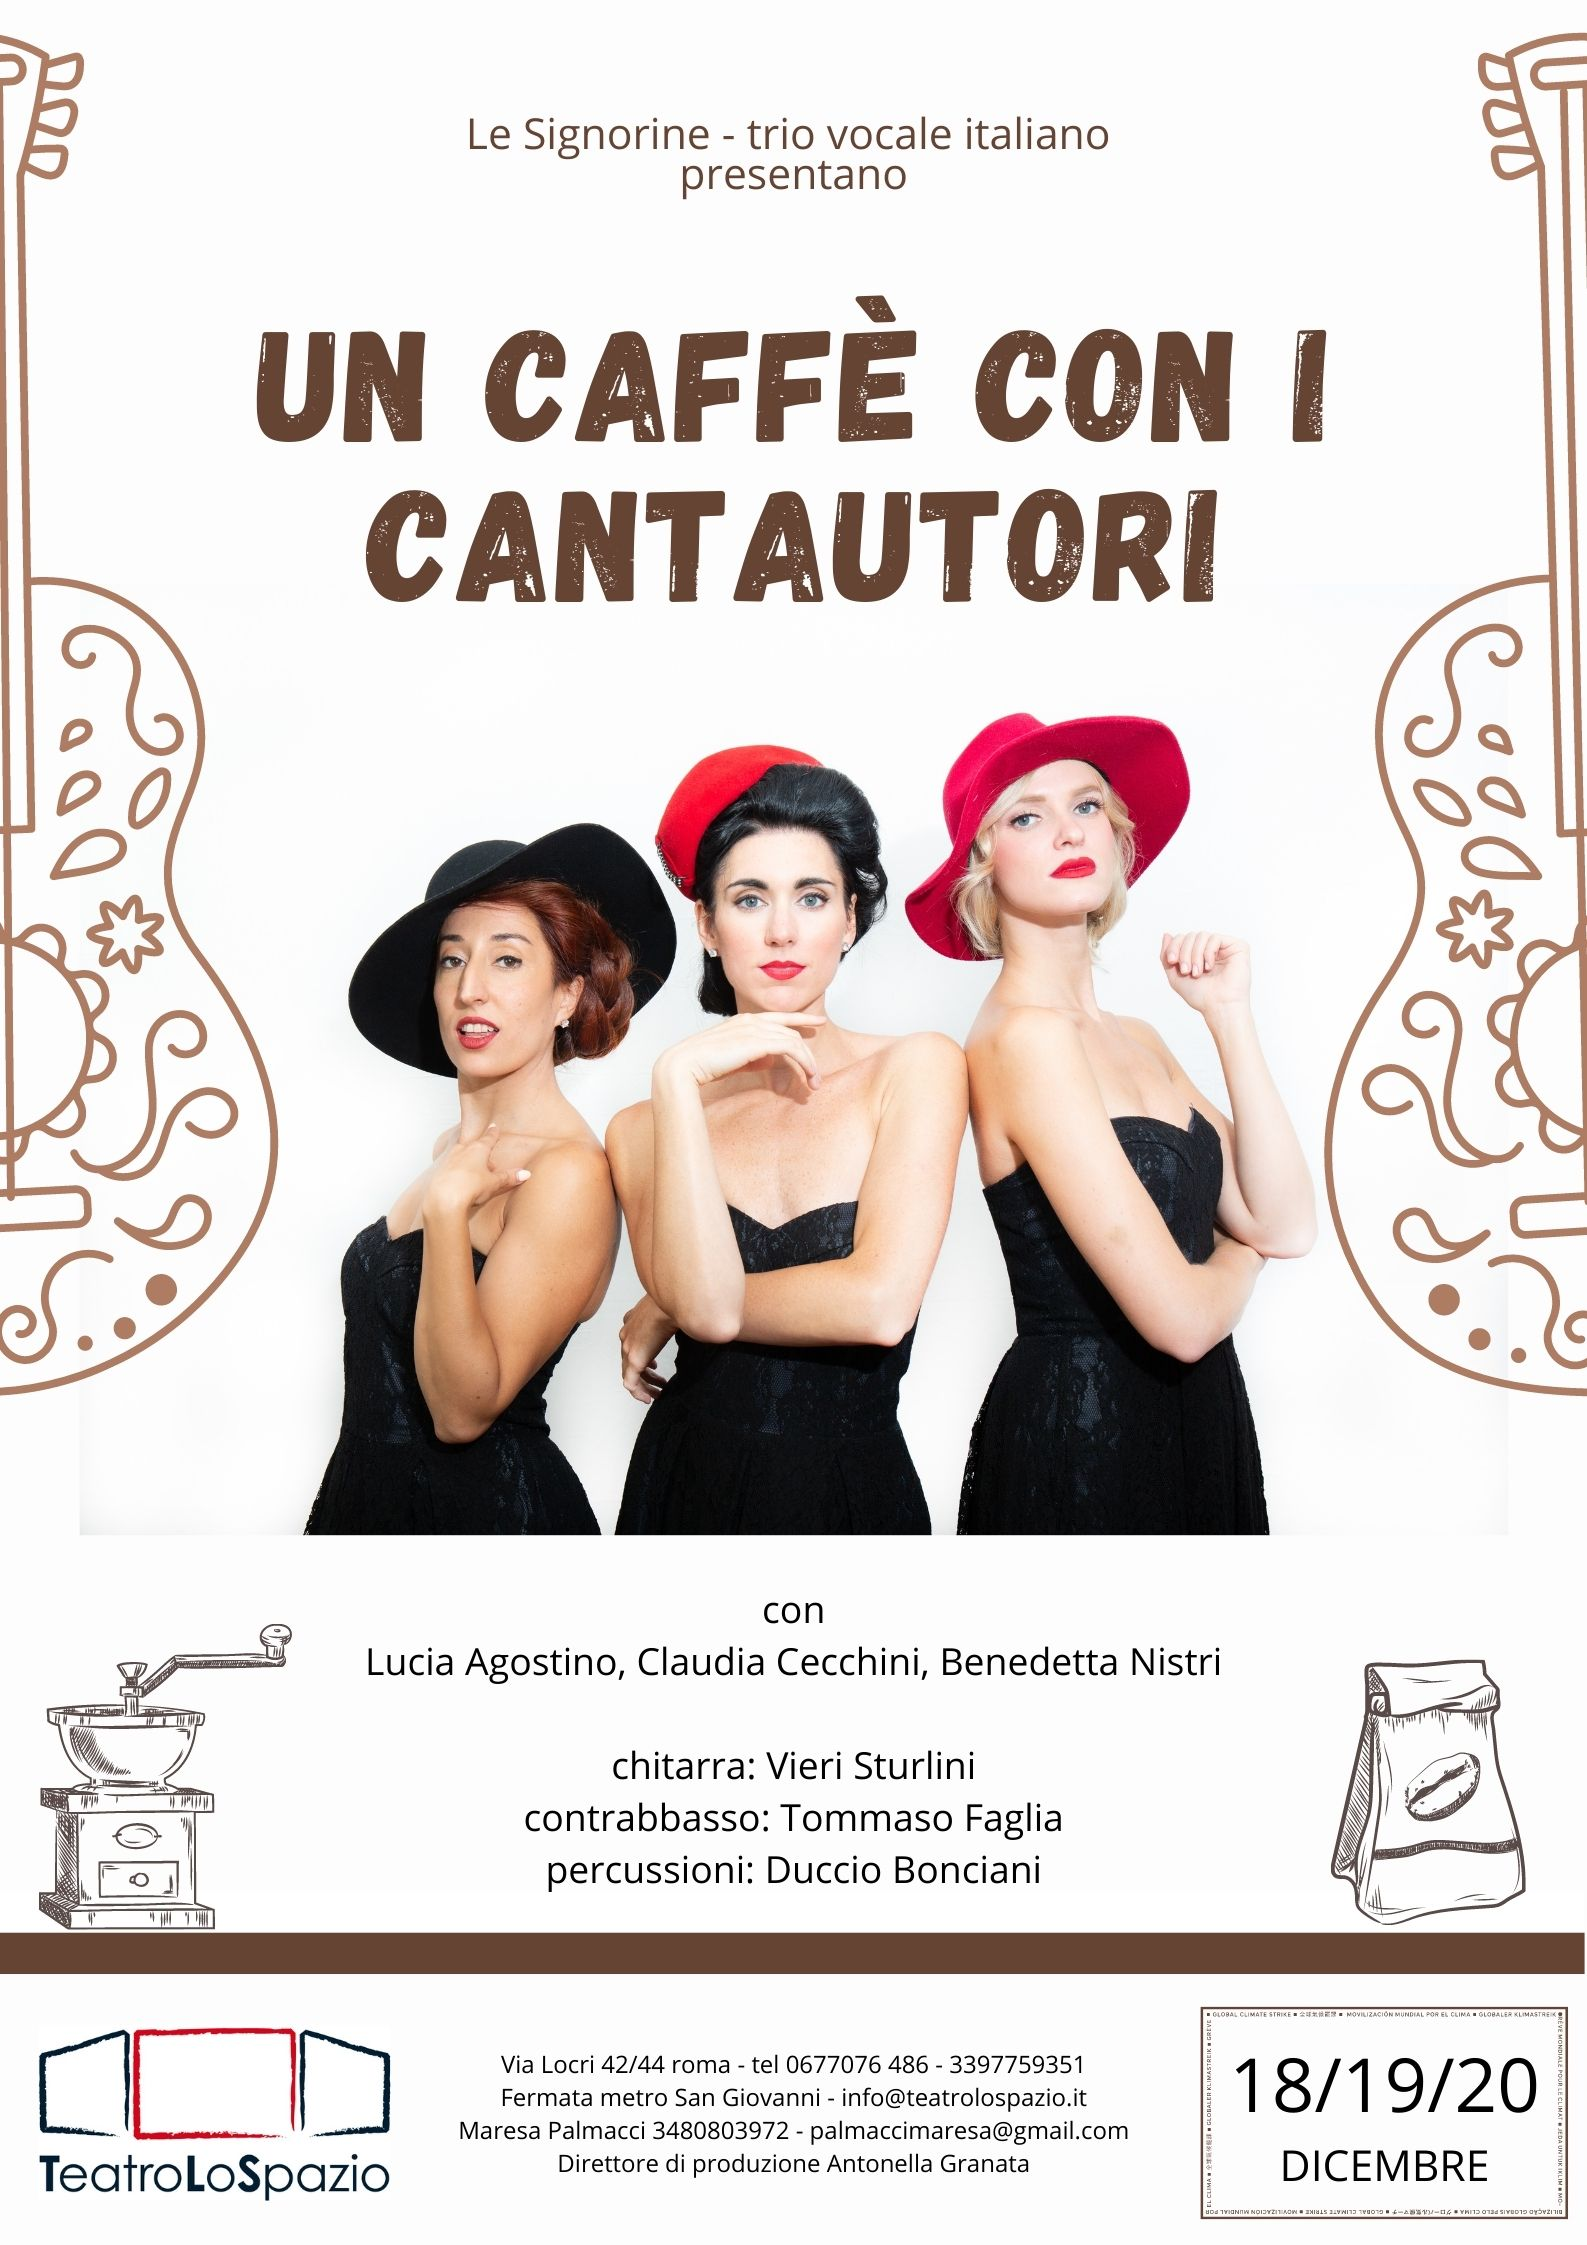 un caffè con i cantautori - TeatroLoSpazio